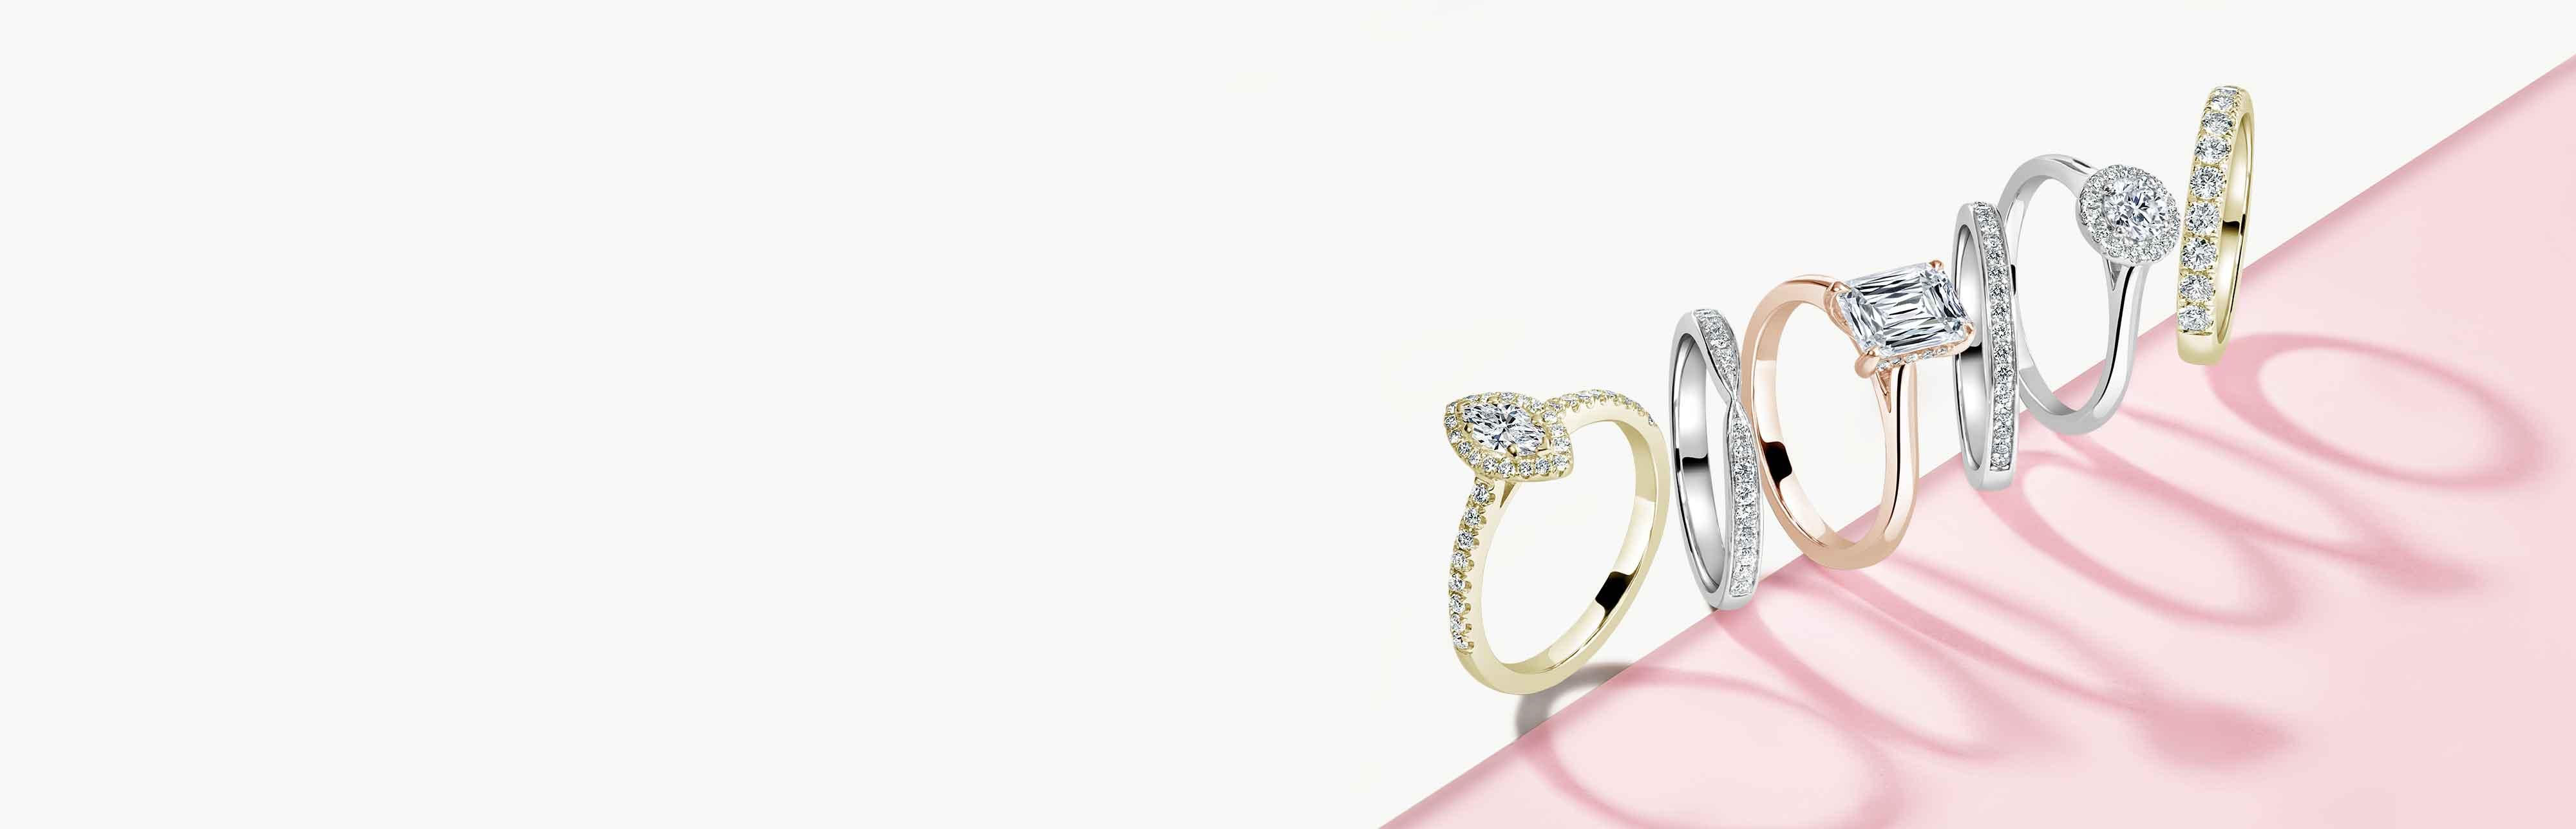 White Gold Radiant Cut Engagement Rings - Steven Stone